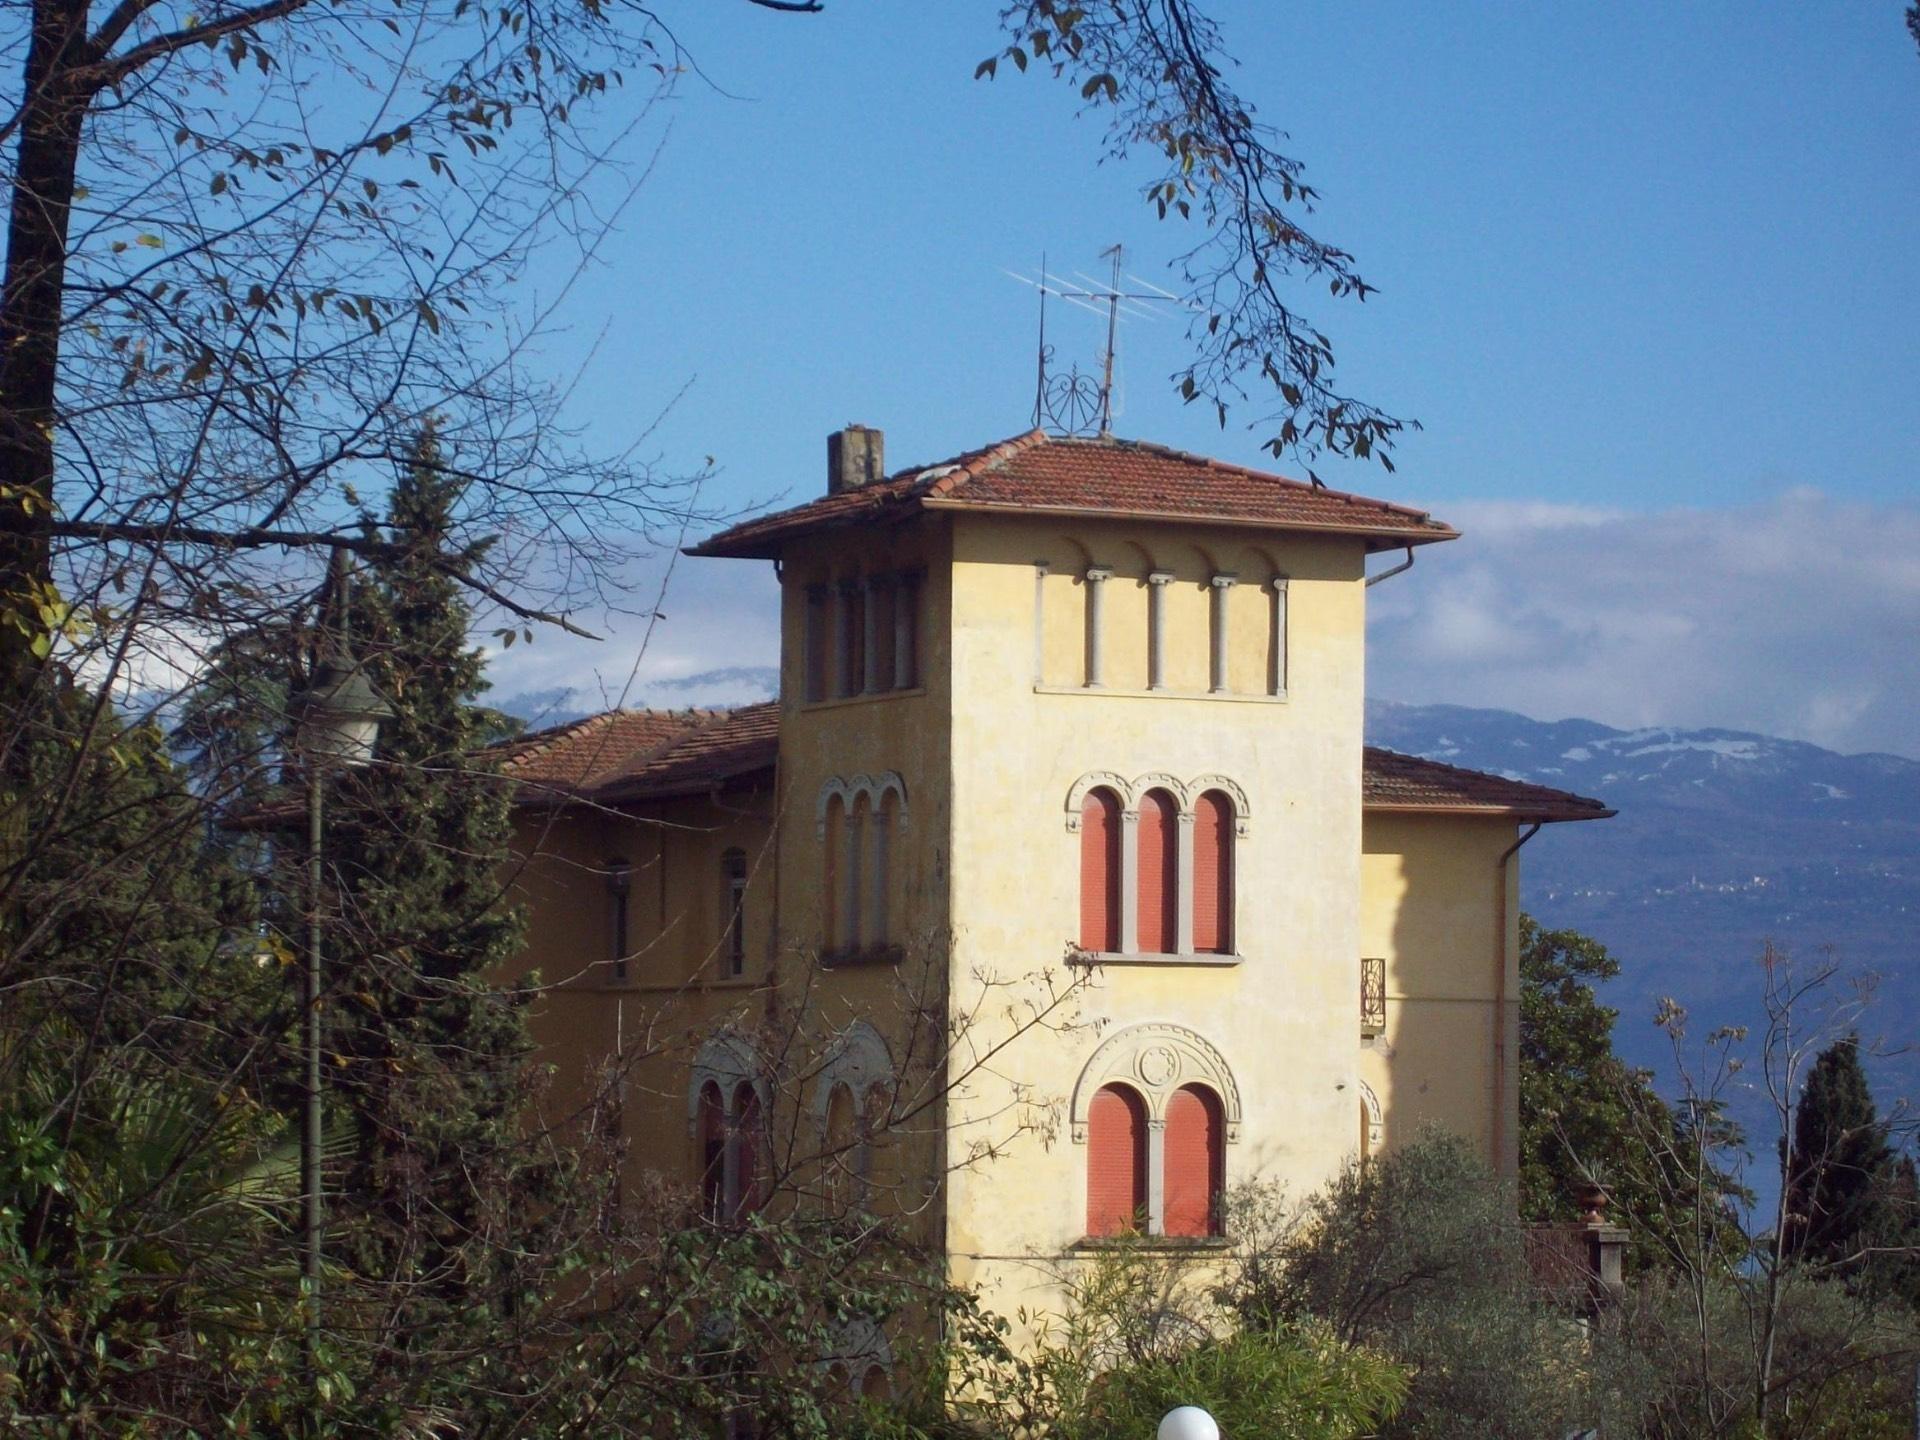 Albergo in vendita a Gardone Riviera, 9999 locali, zona Località: GardoneSopra, prezzo € 2.800.000 | CambioCasa.it